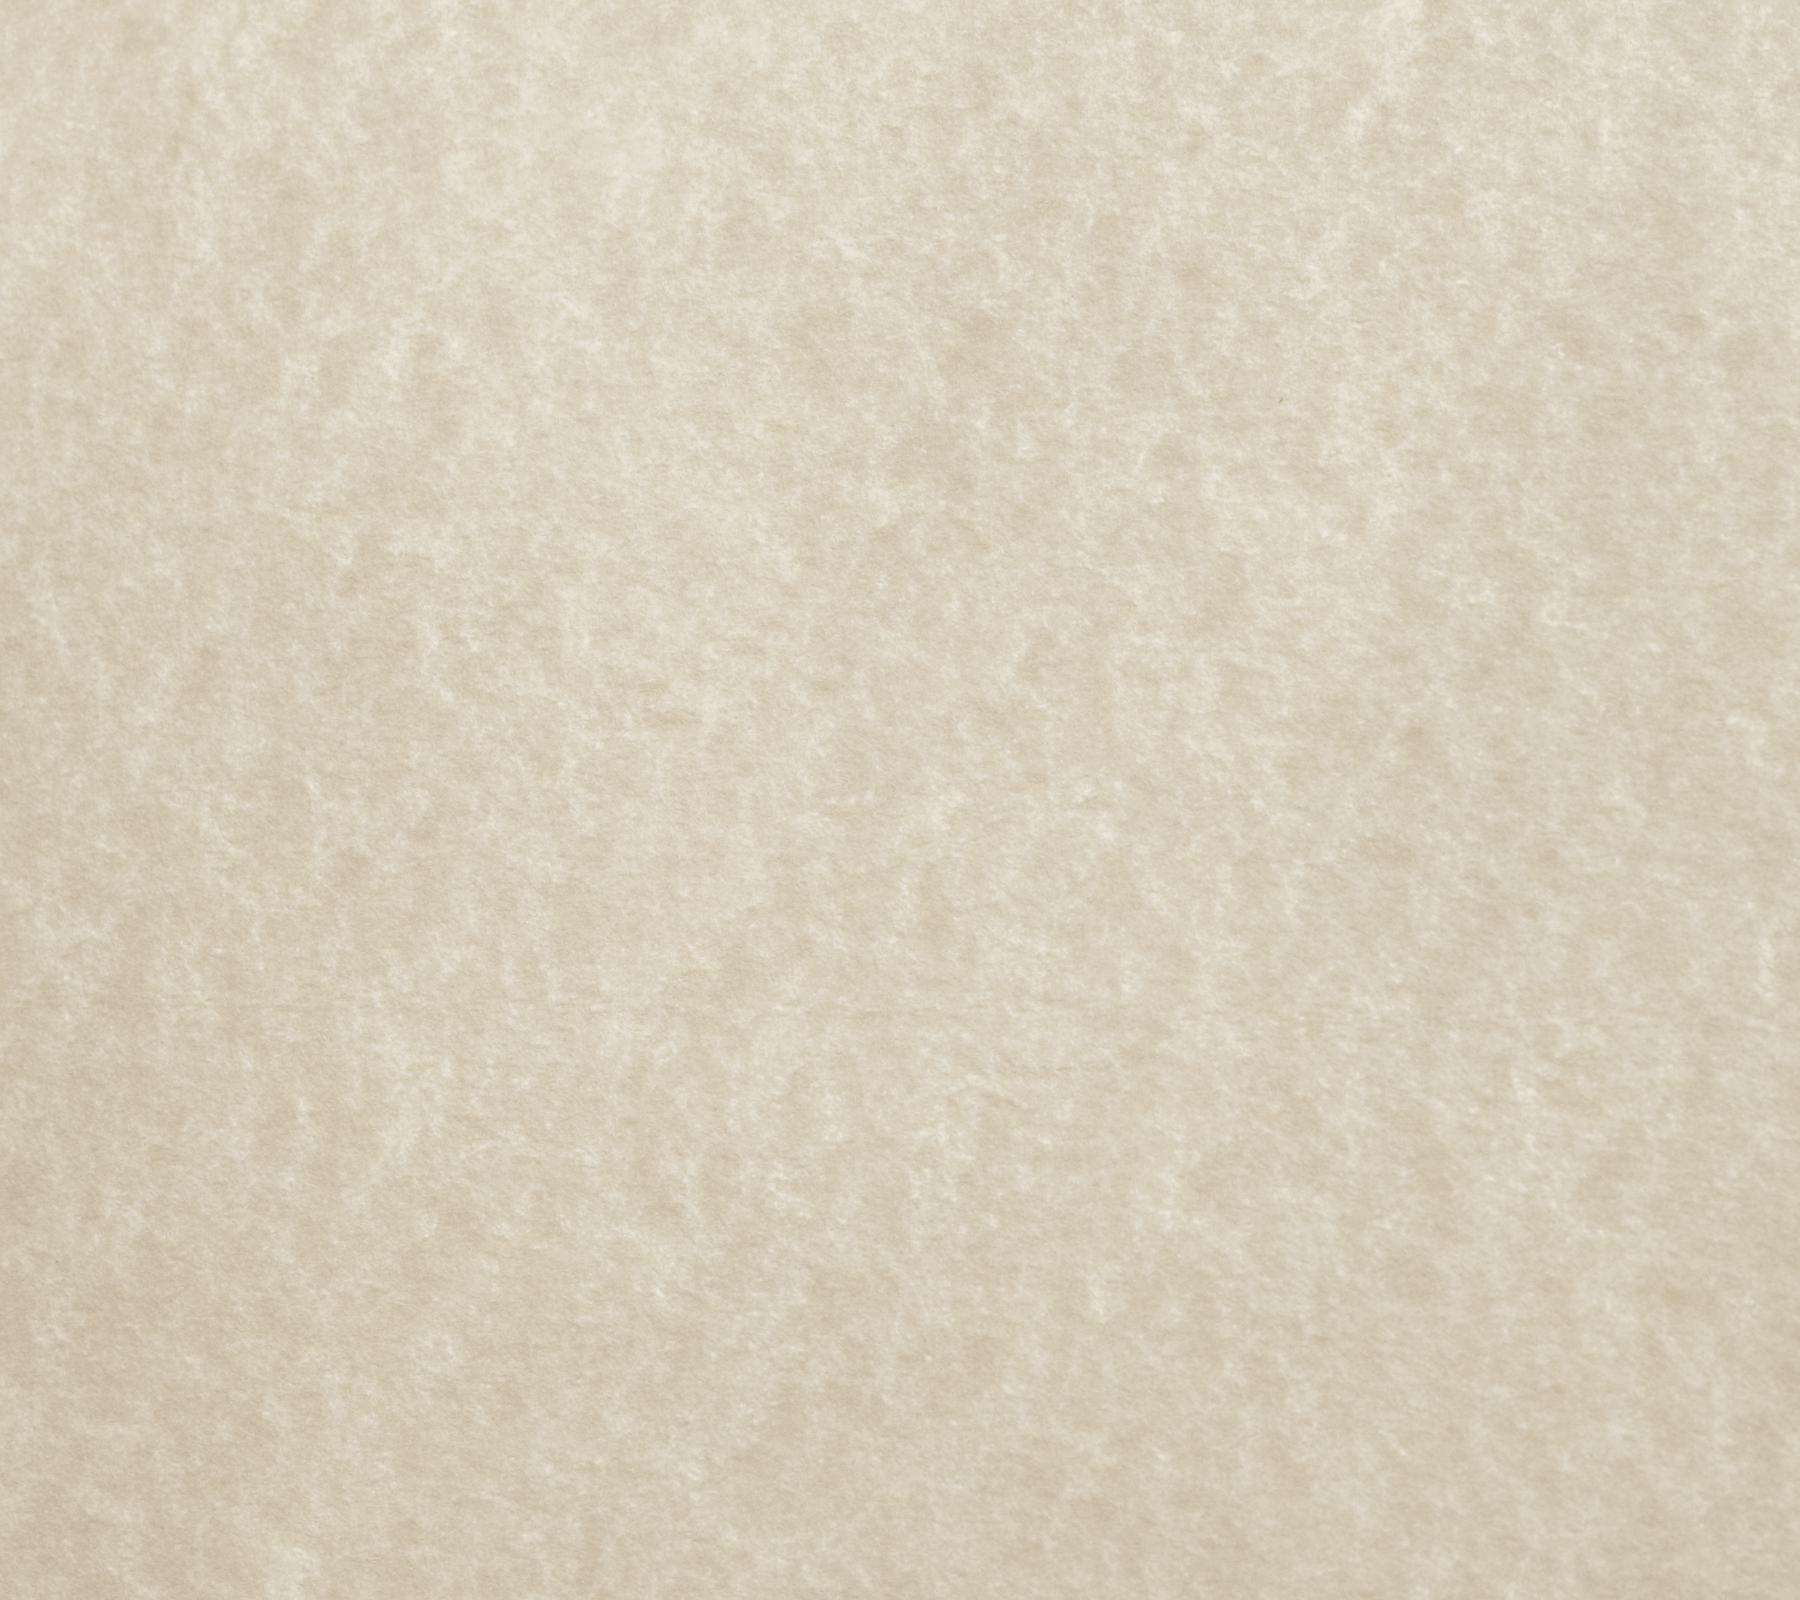 Beige Parchment Paper Background 1800x1600 1800x1600